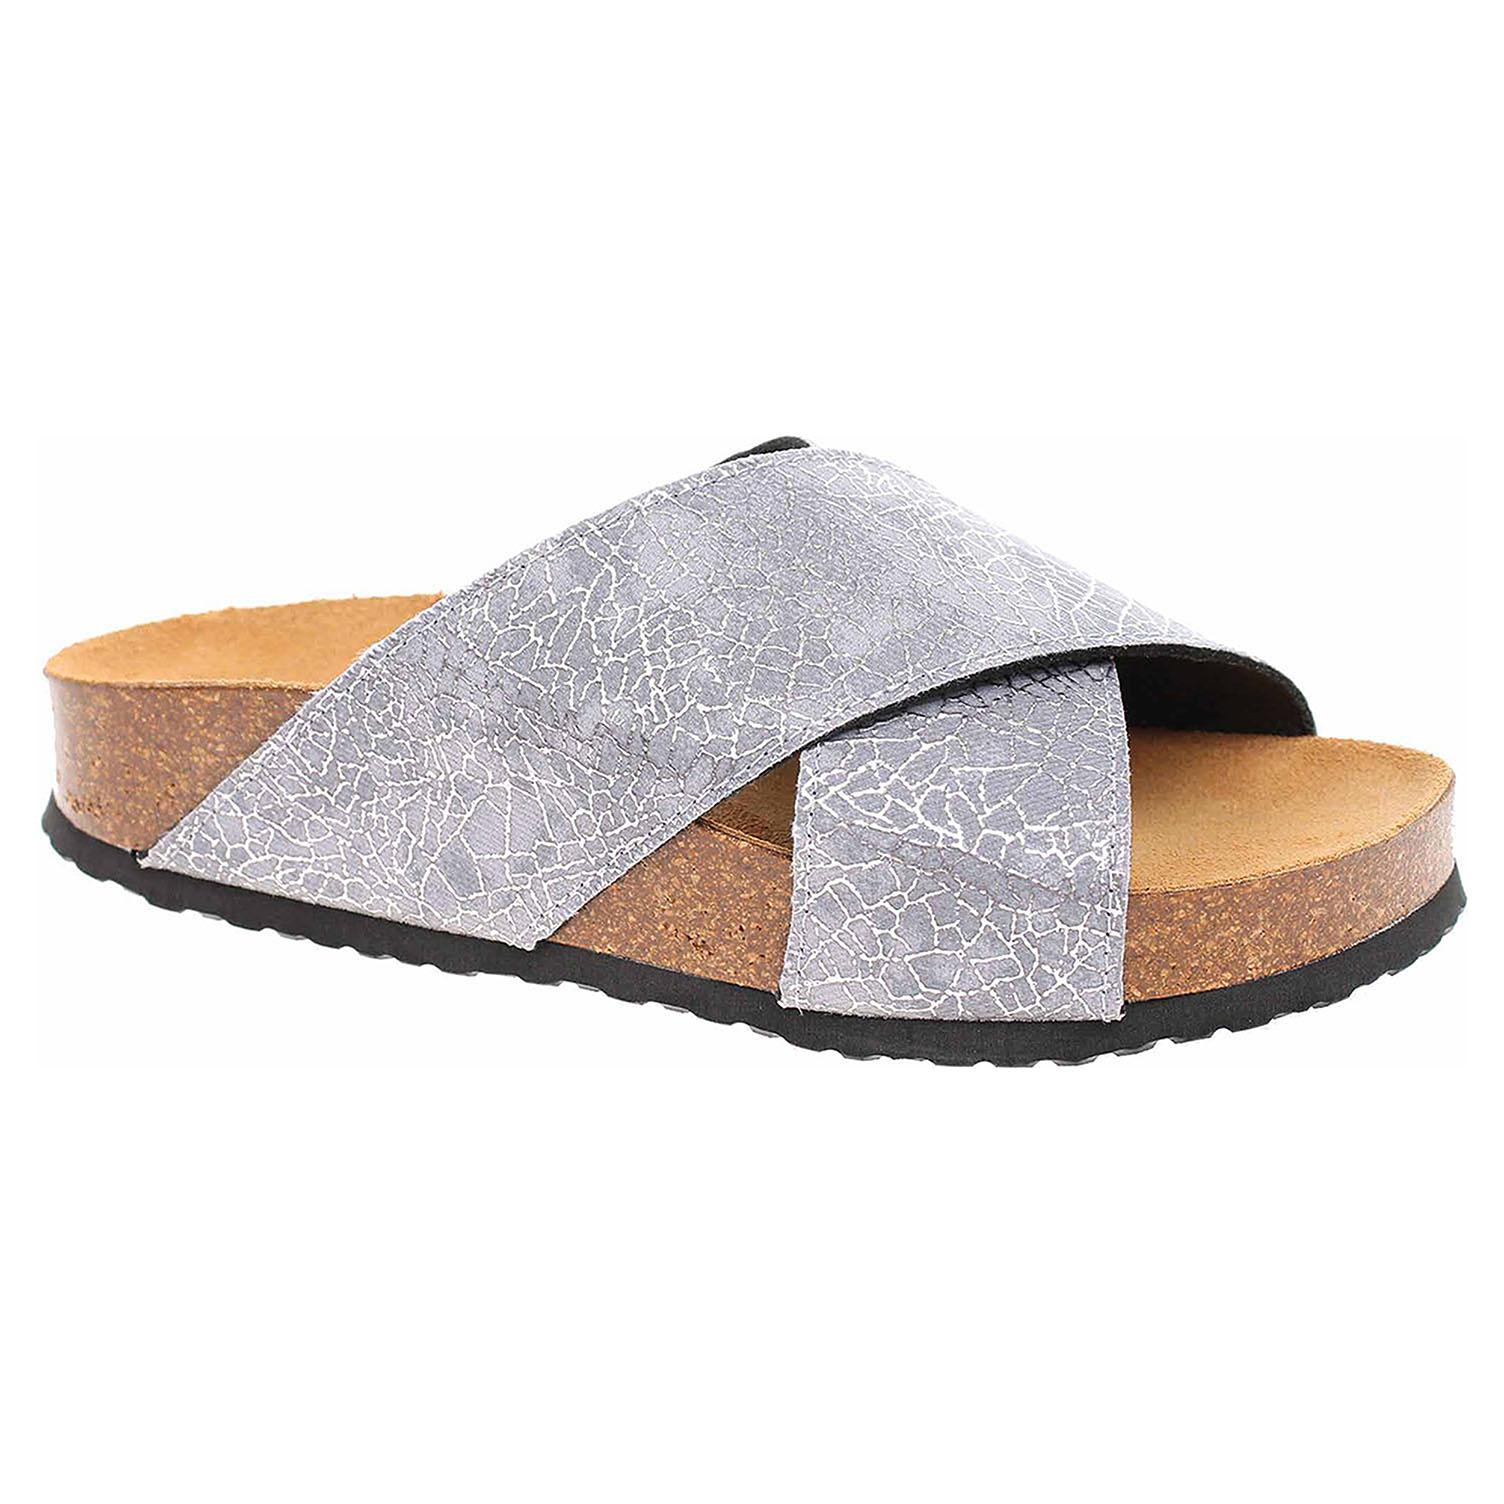 Dámské pantofle Bio Life 1484 Roxana grey 1484 Roxana grey 39